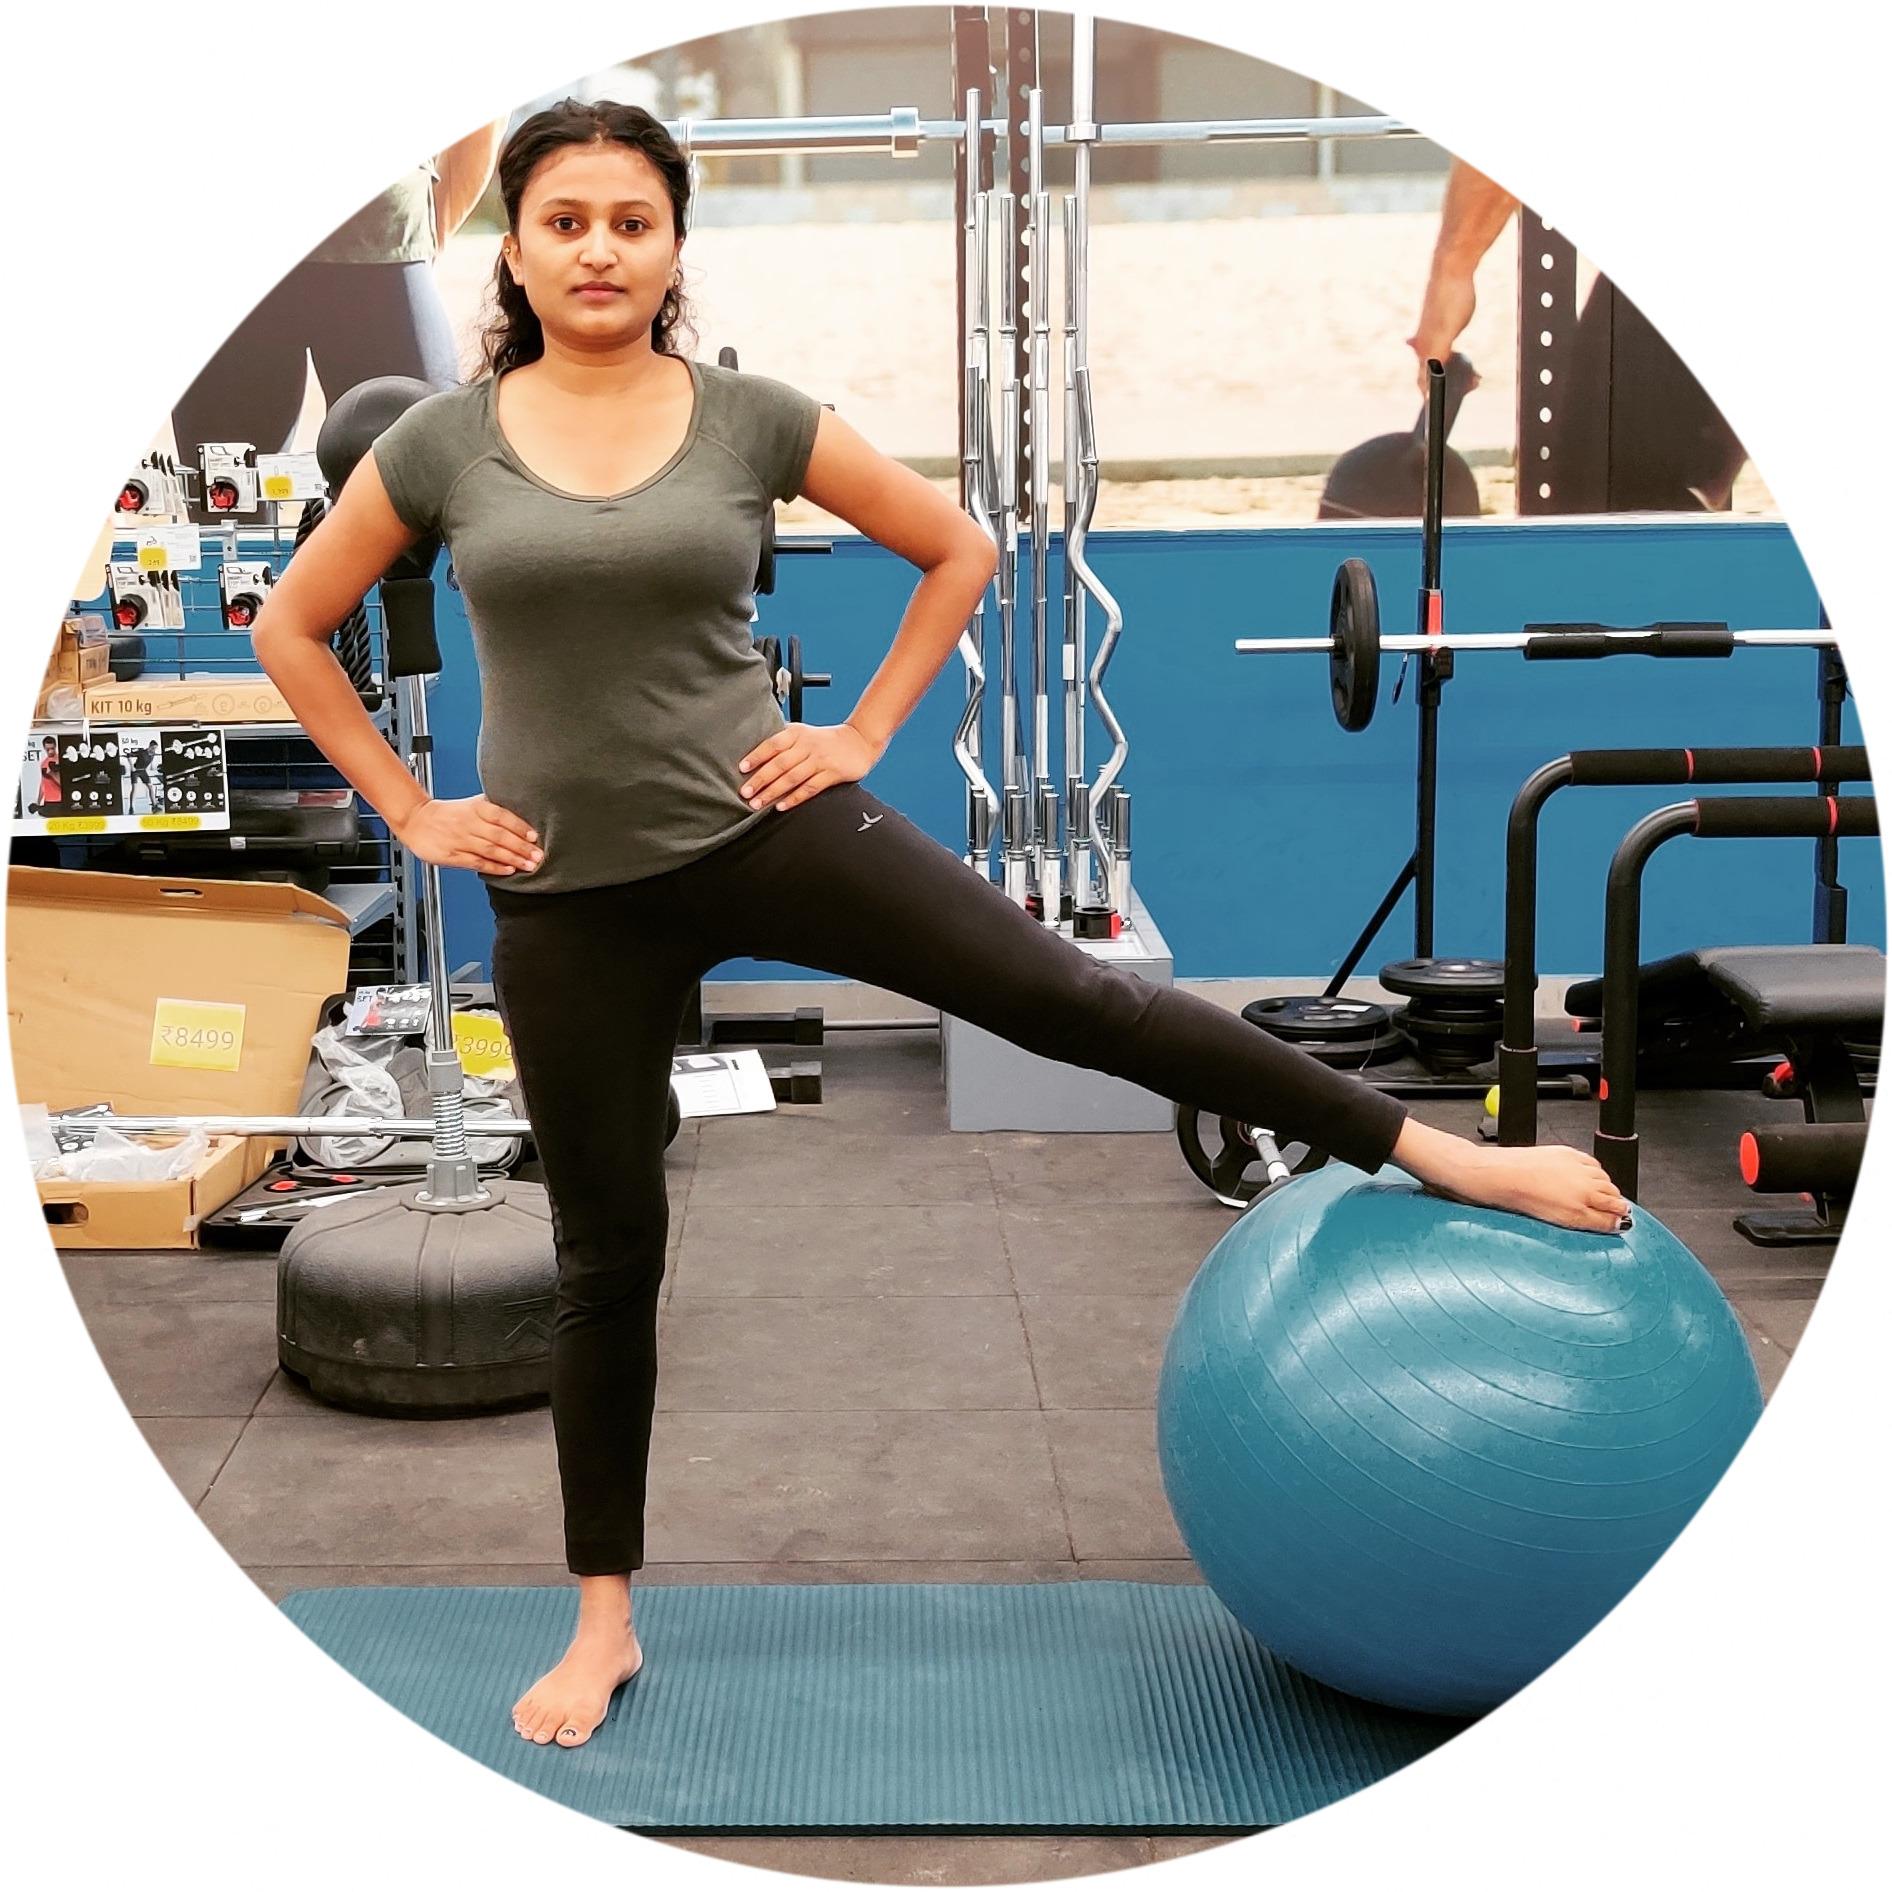 Minni Gupta